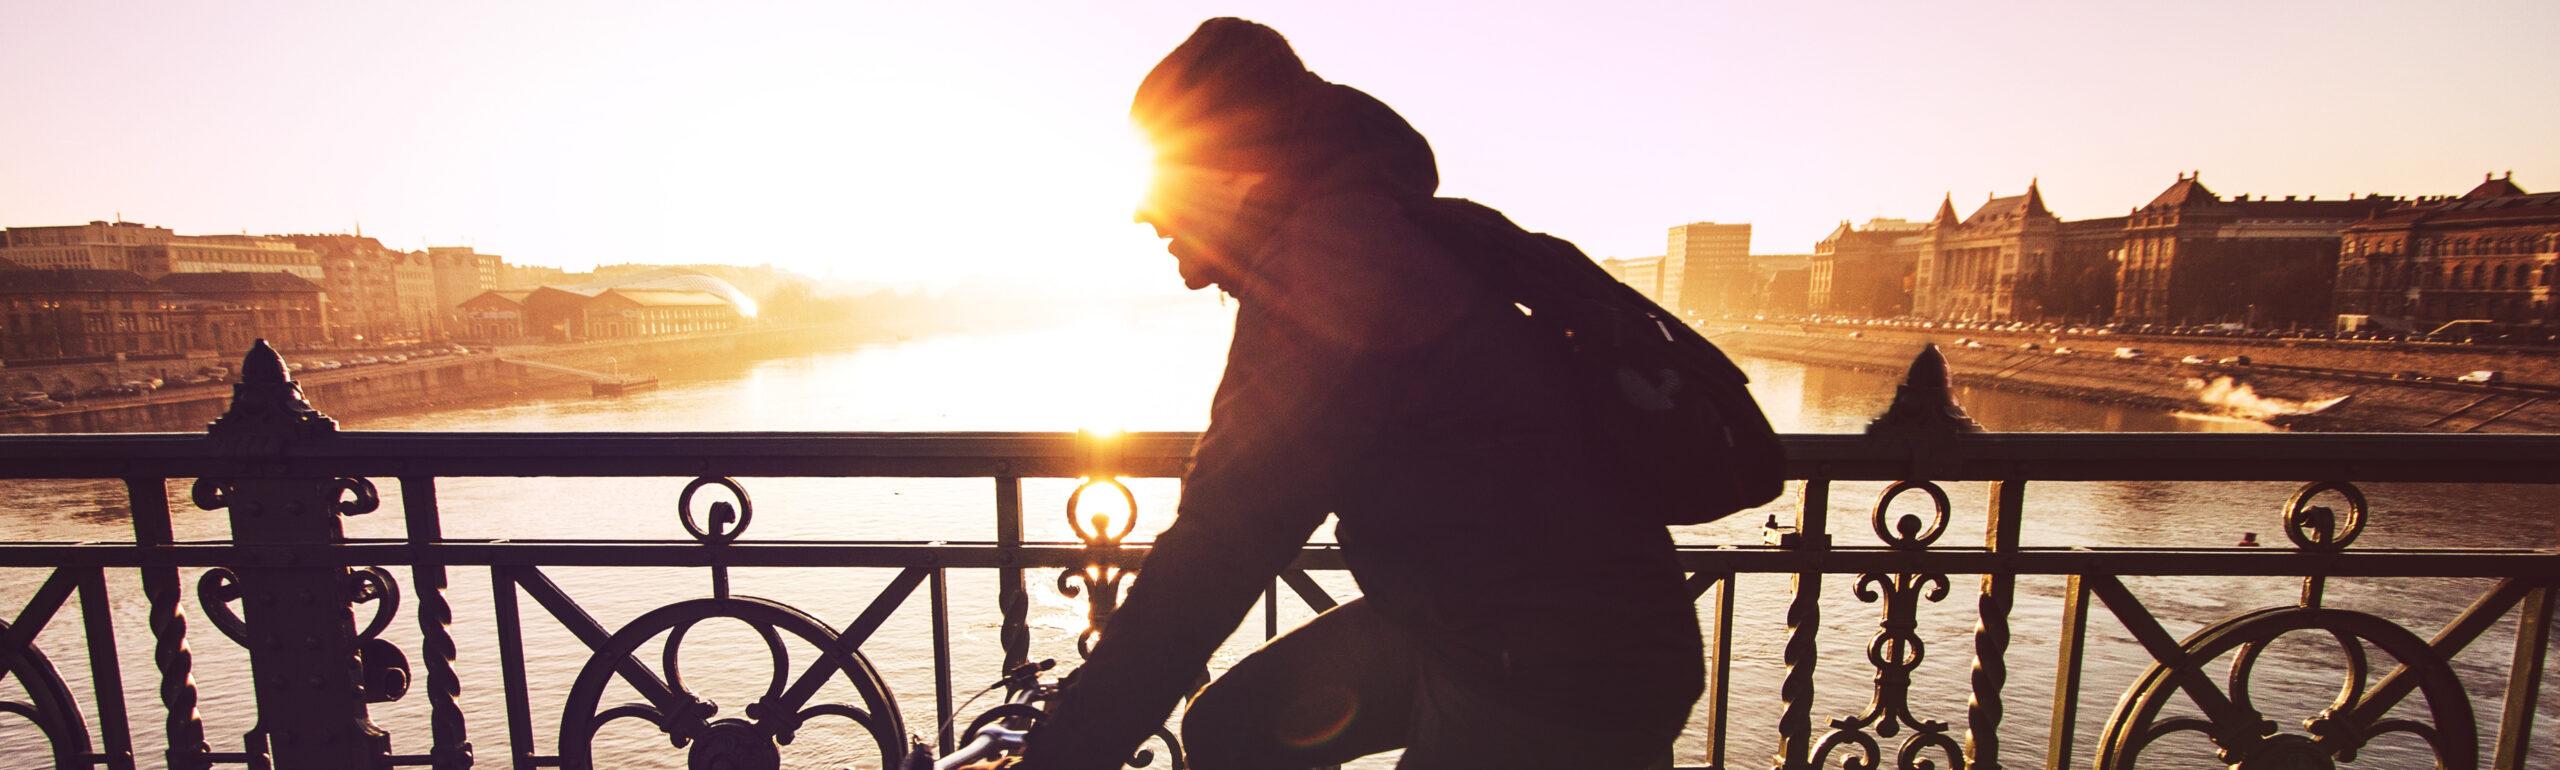 Cykel morgen - smal